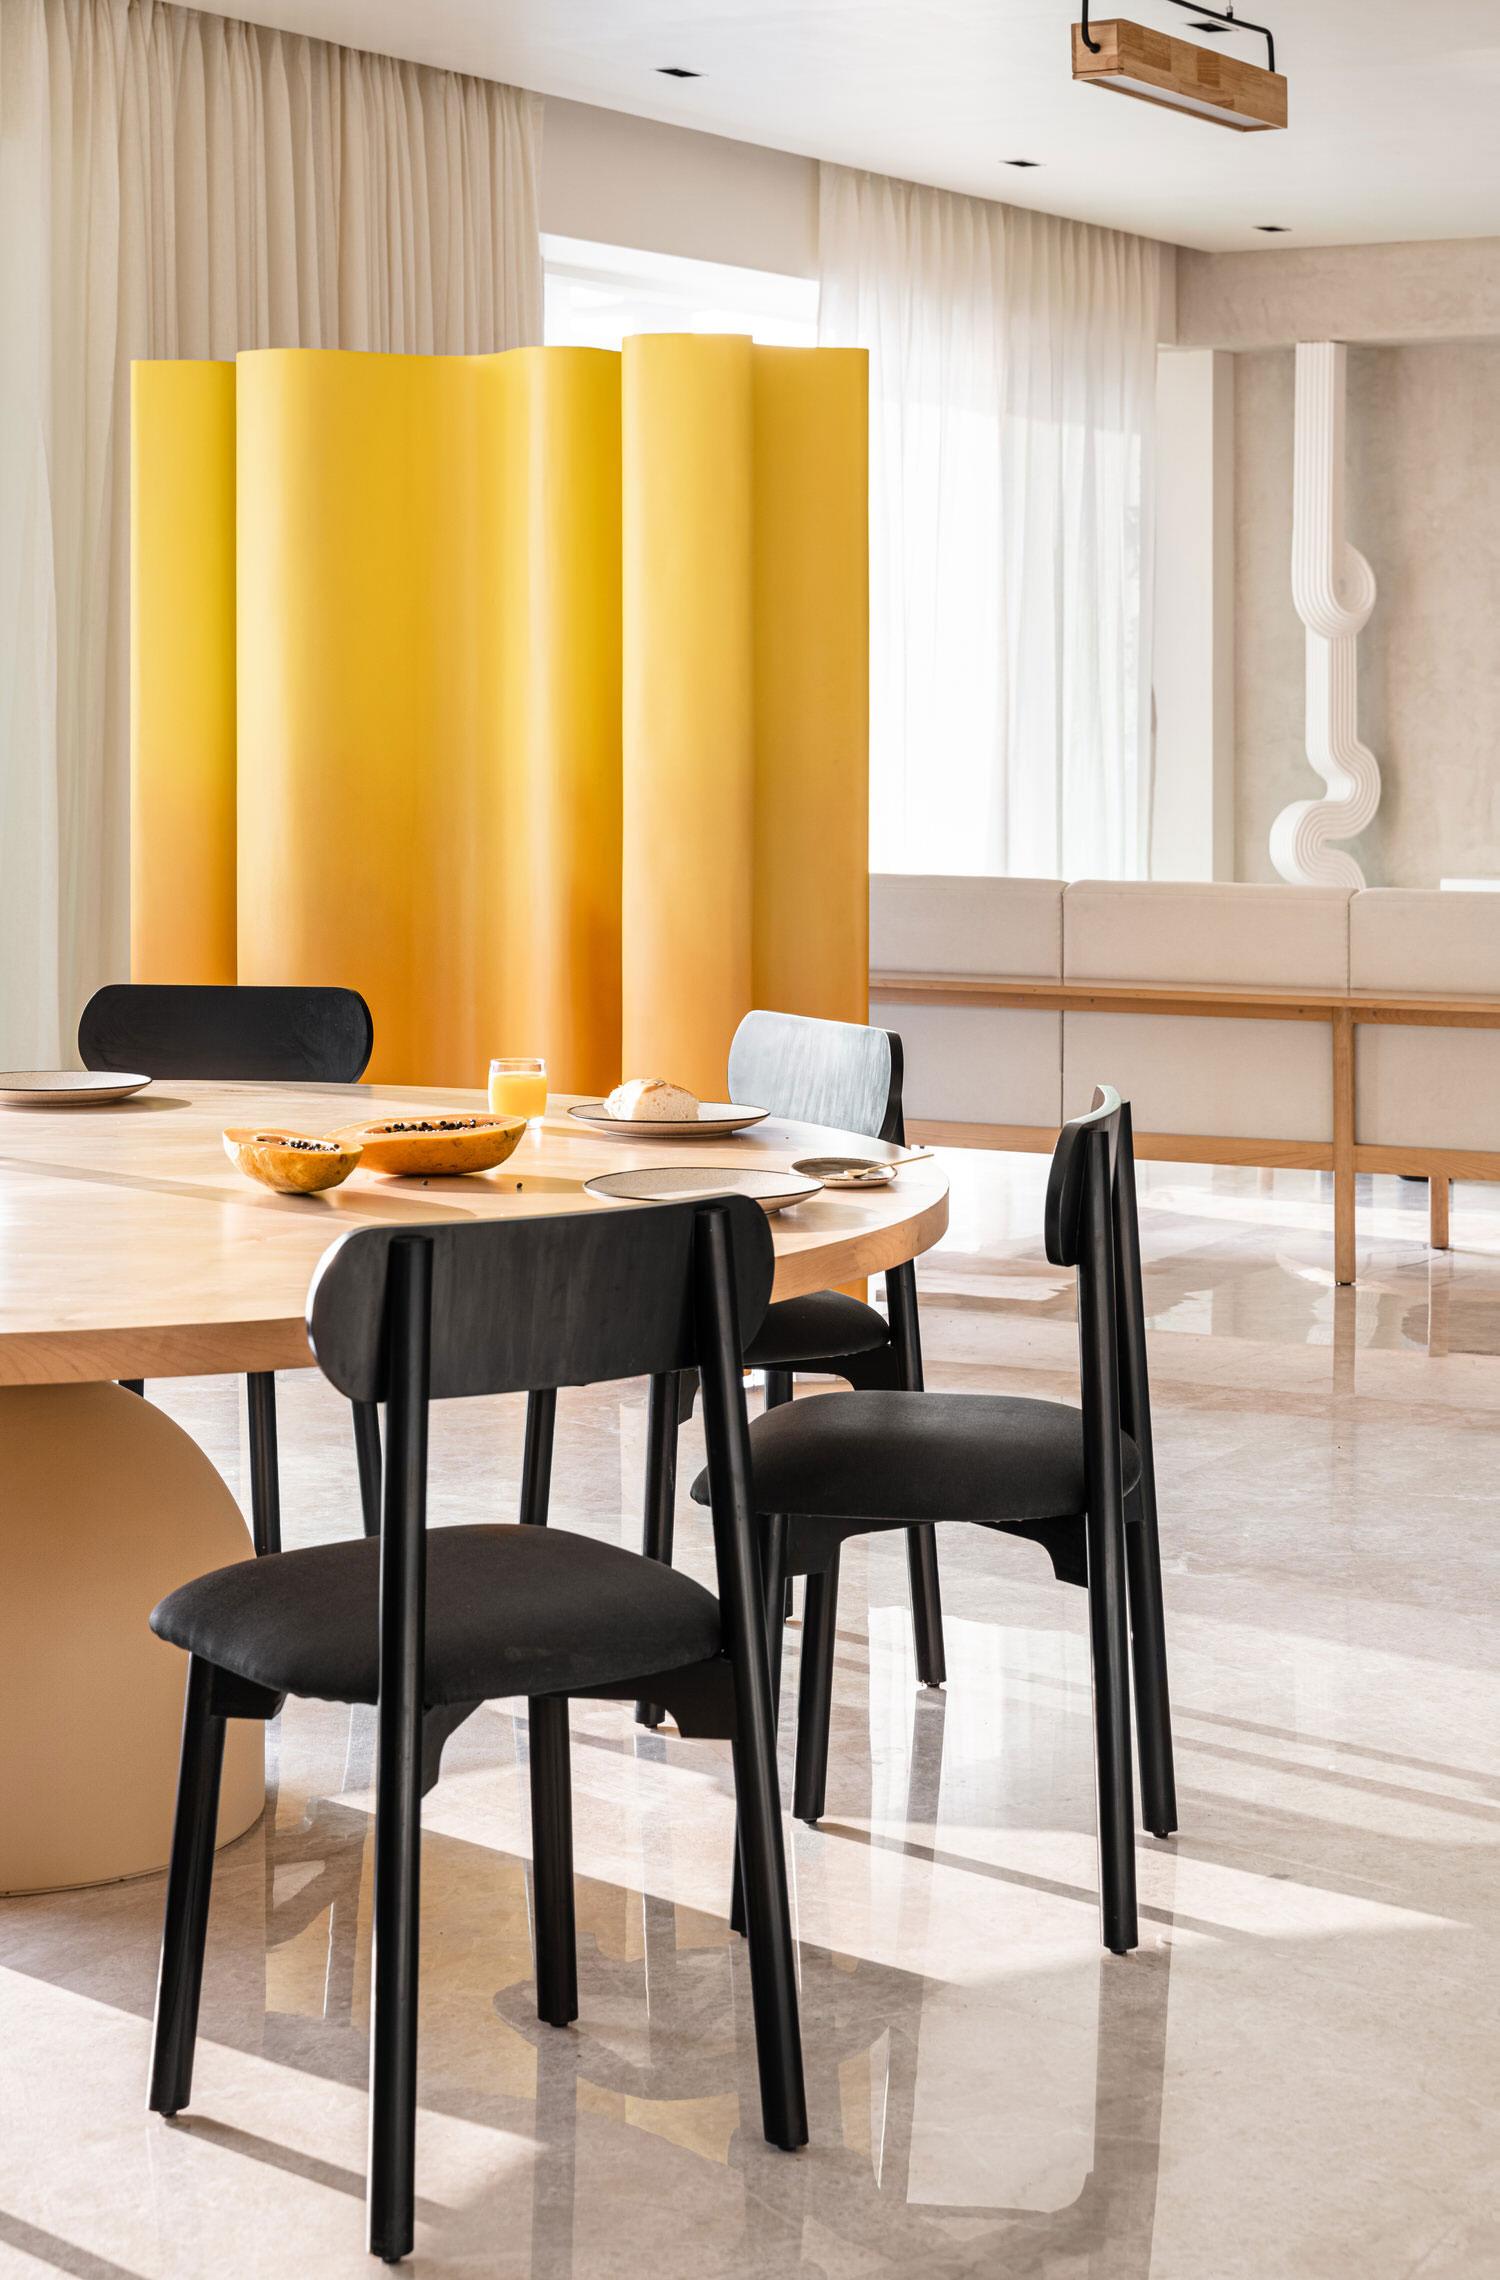 The Act Of Quad Mumbai Apartment Interior Design Yellowtrace 25